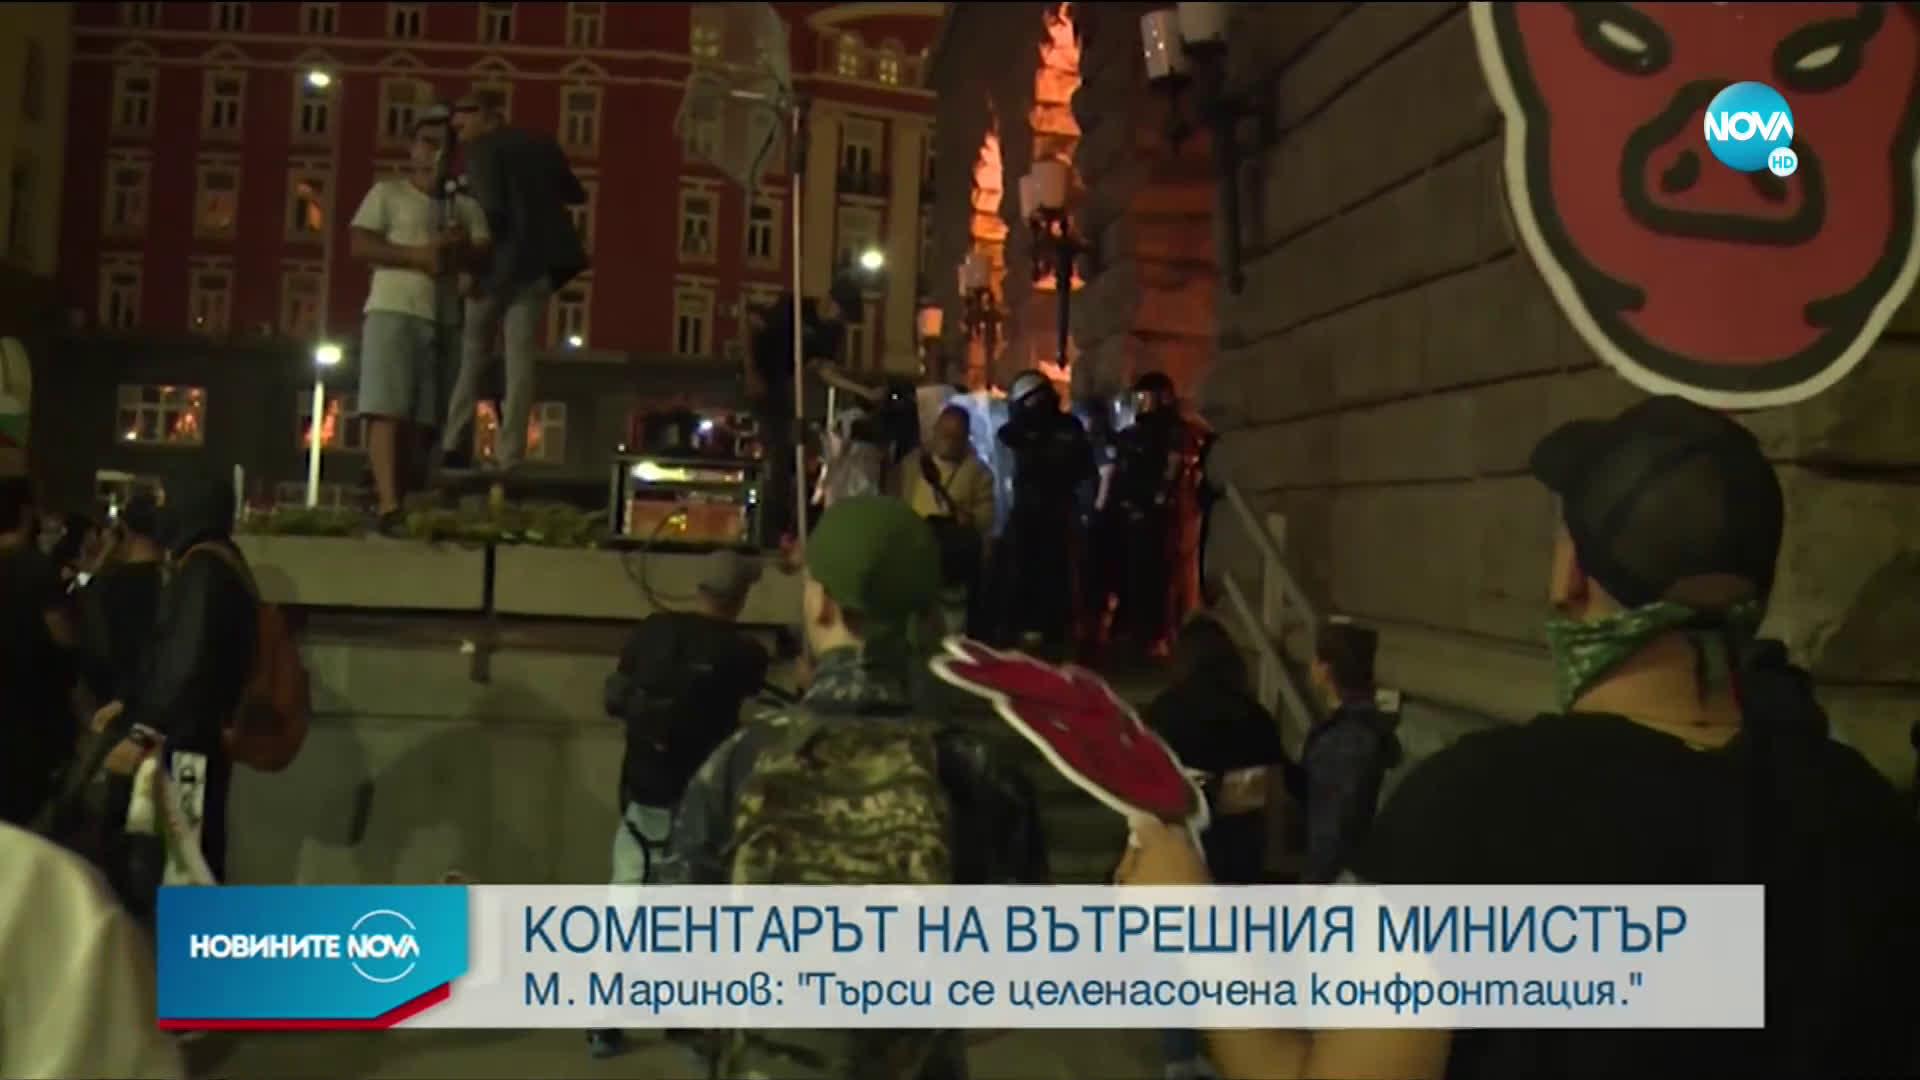 Младен Маринов: Търси се целенасочена конфронтация и атака срещу полицията